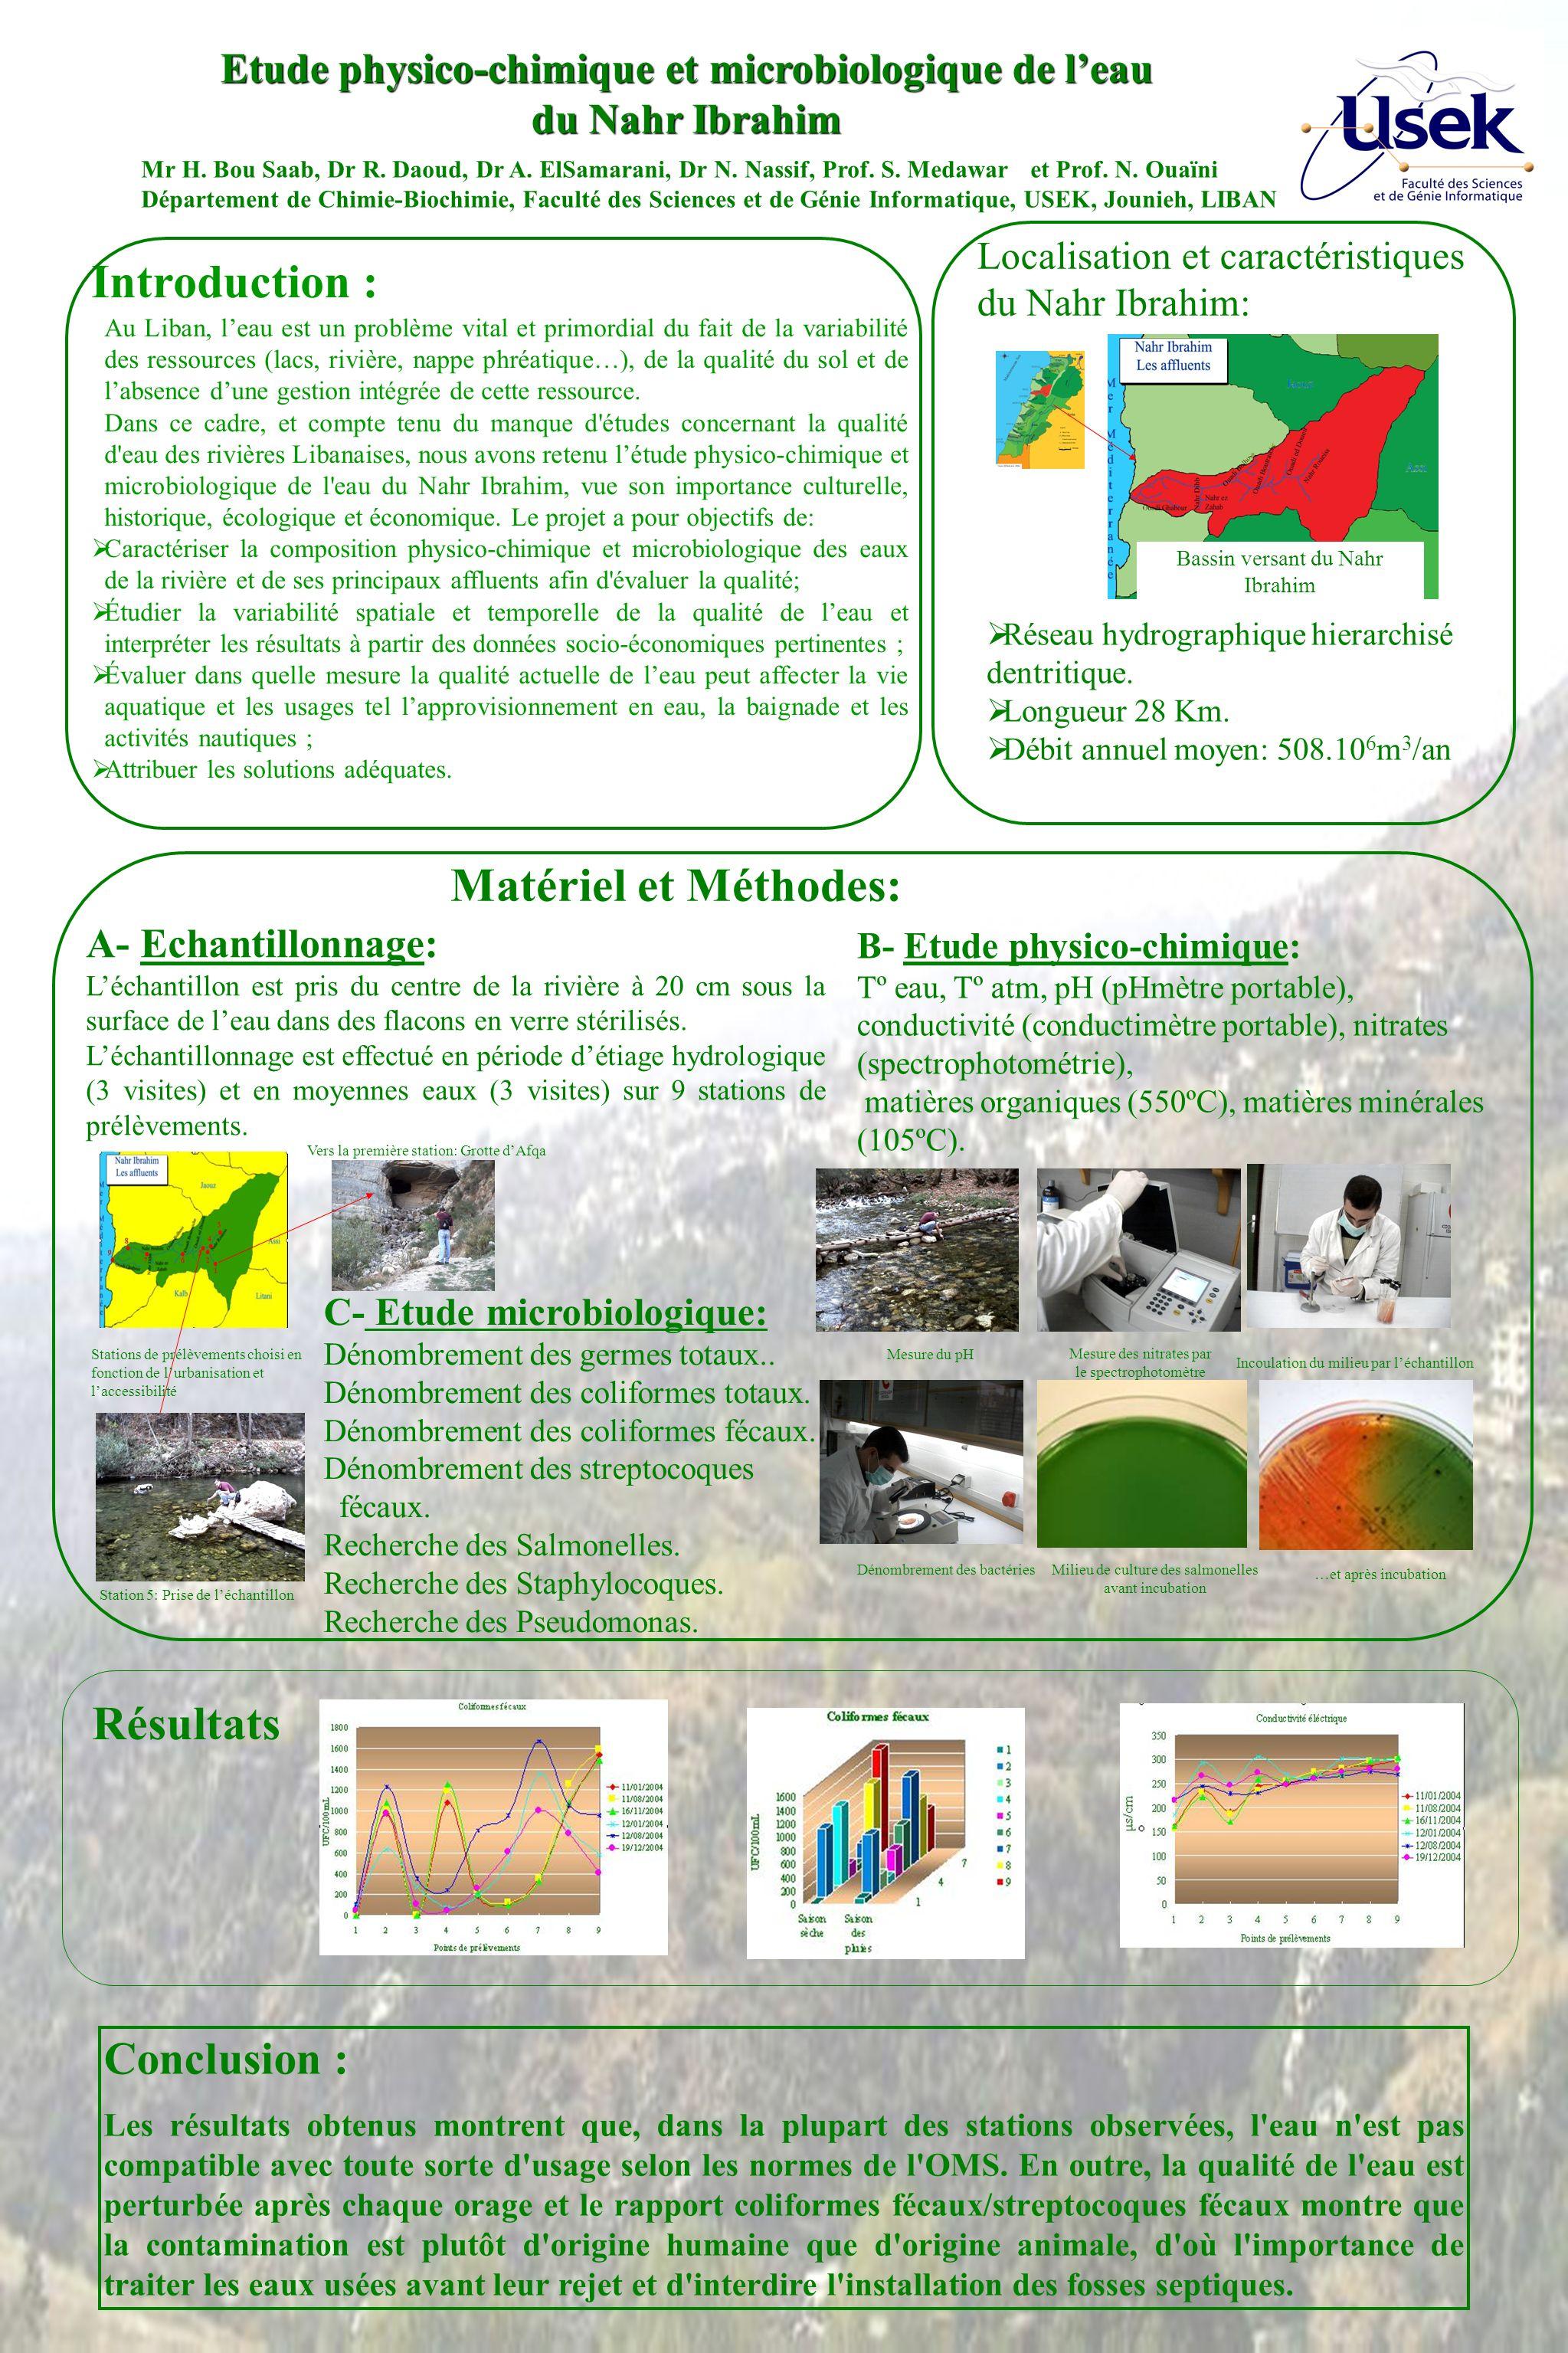 Etude physico-chimique et microbiologique de l'eau